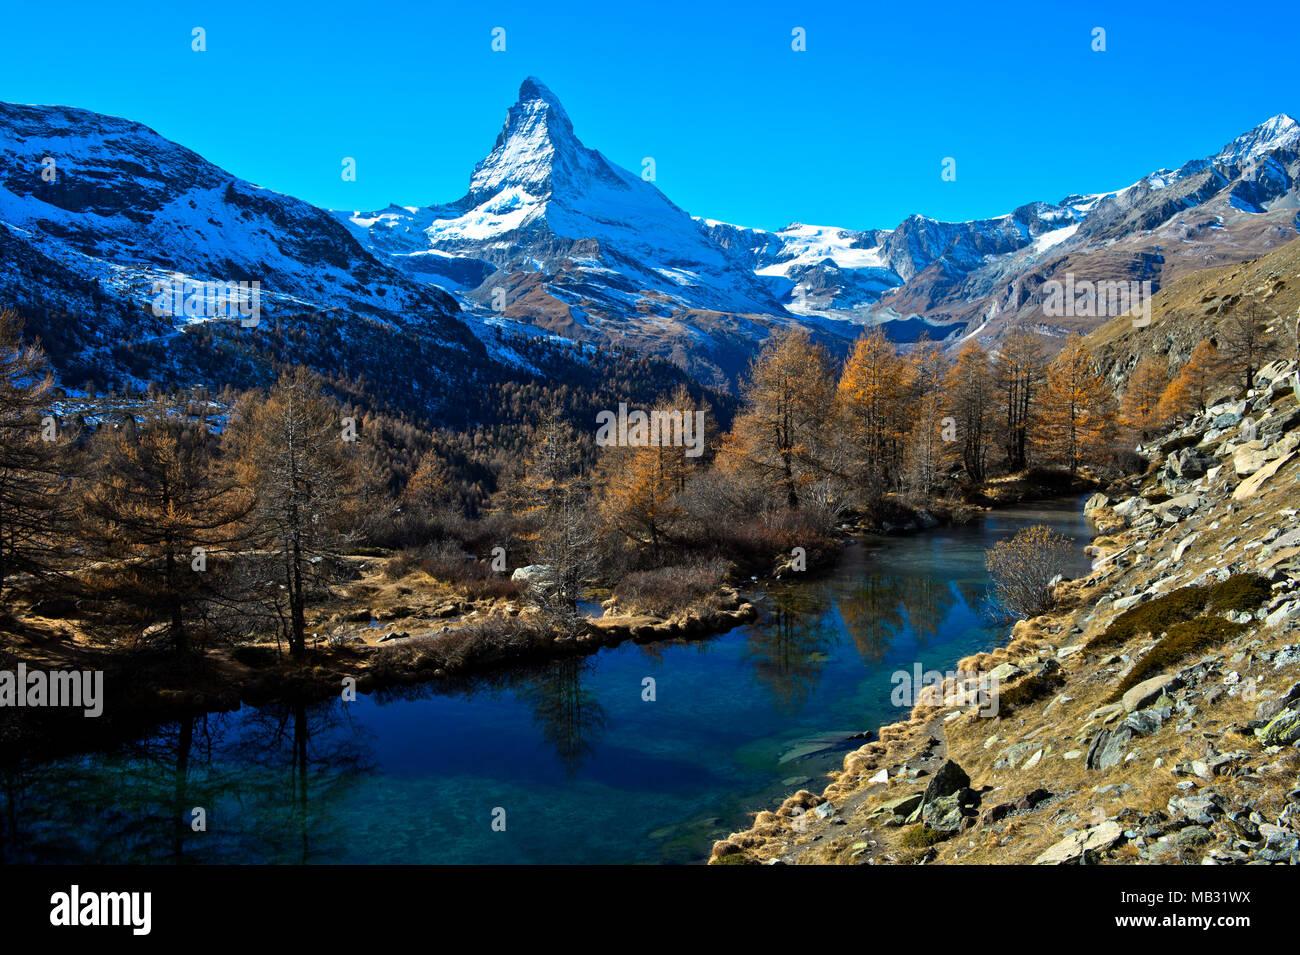 Grindjesee le lac en automne, avec vue sur le Matterhorn, Zermatt, Valais, Suisse Photo Stock